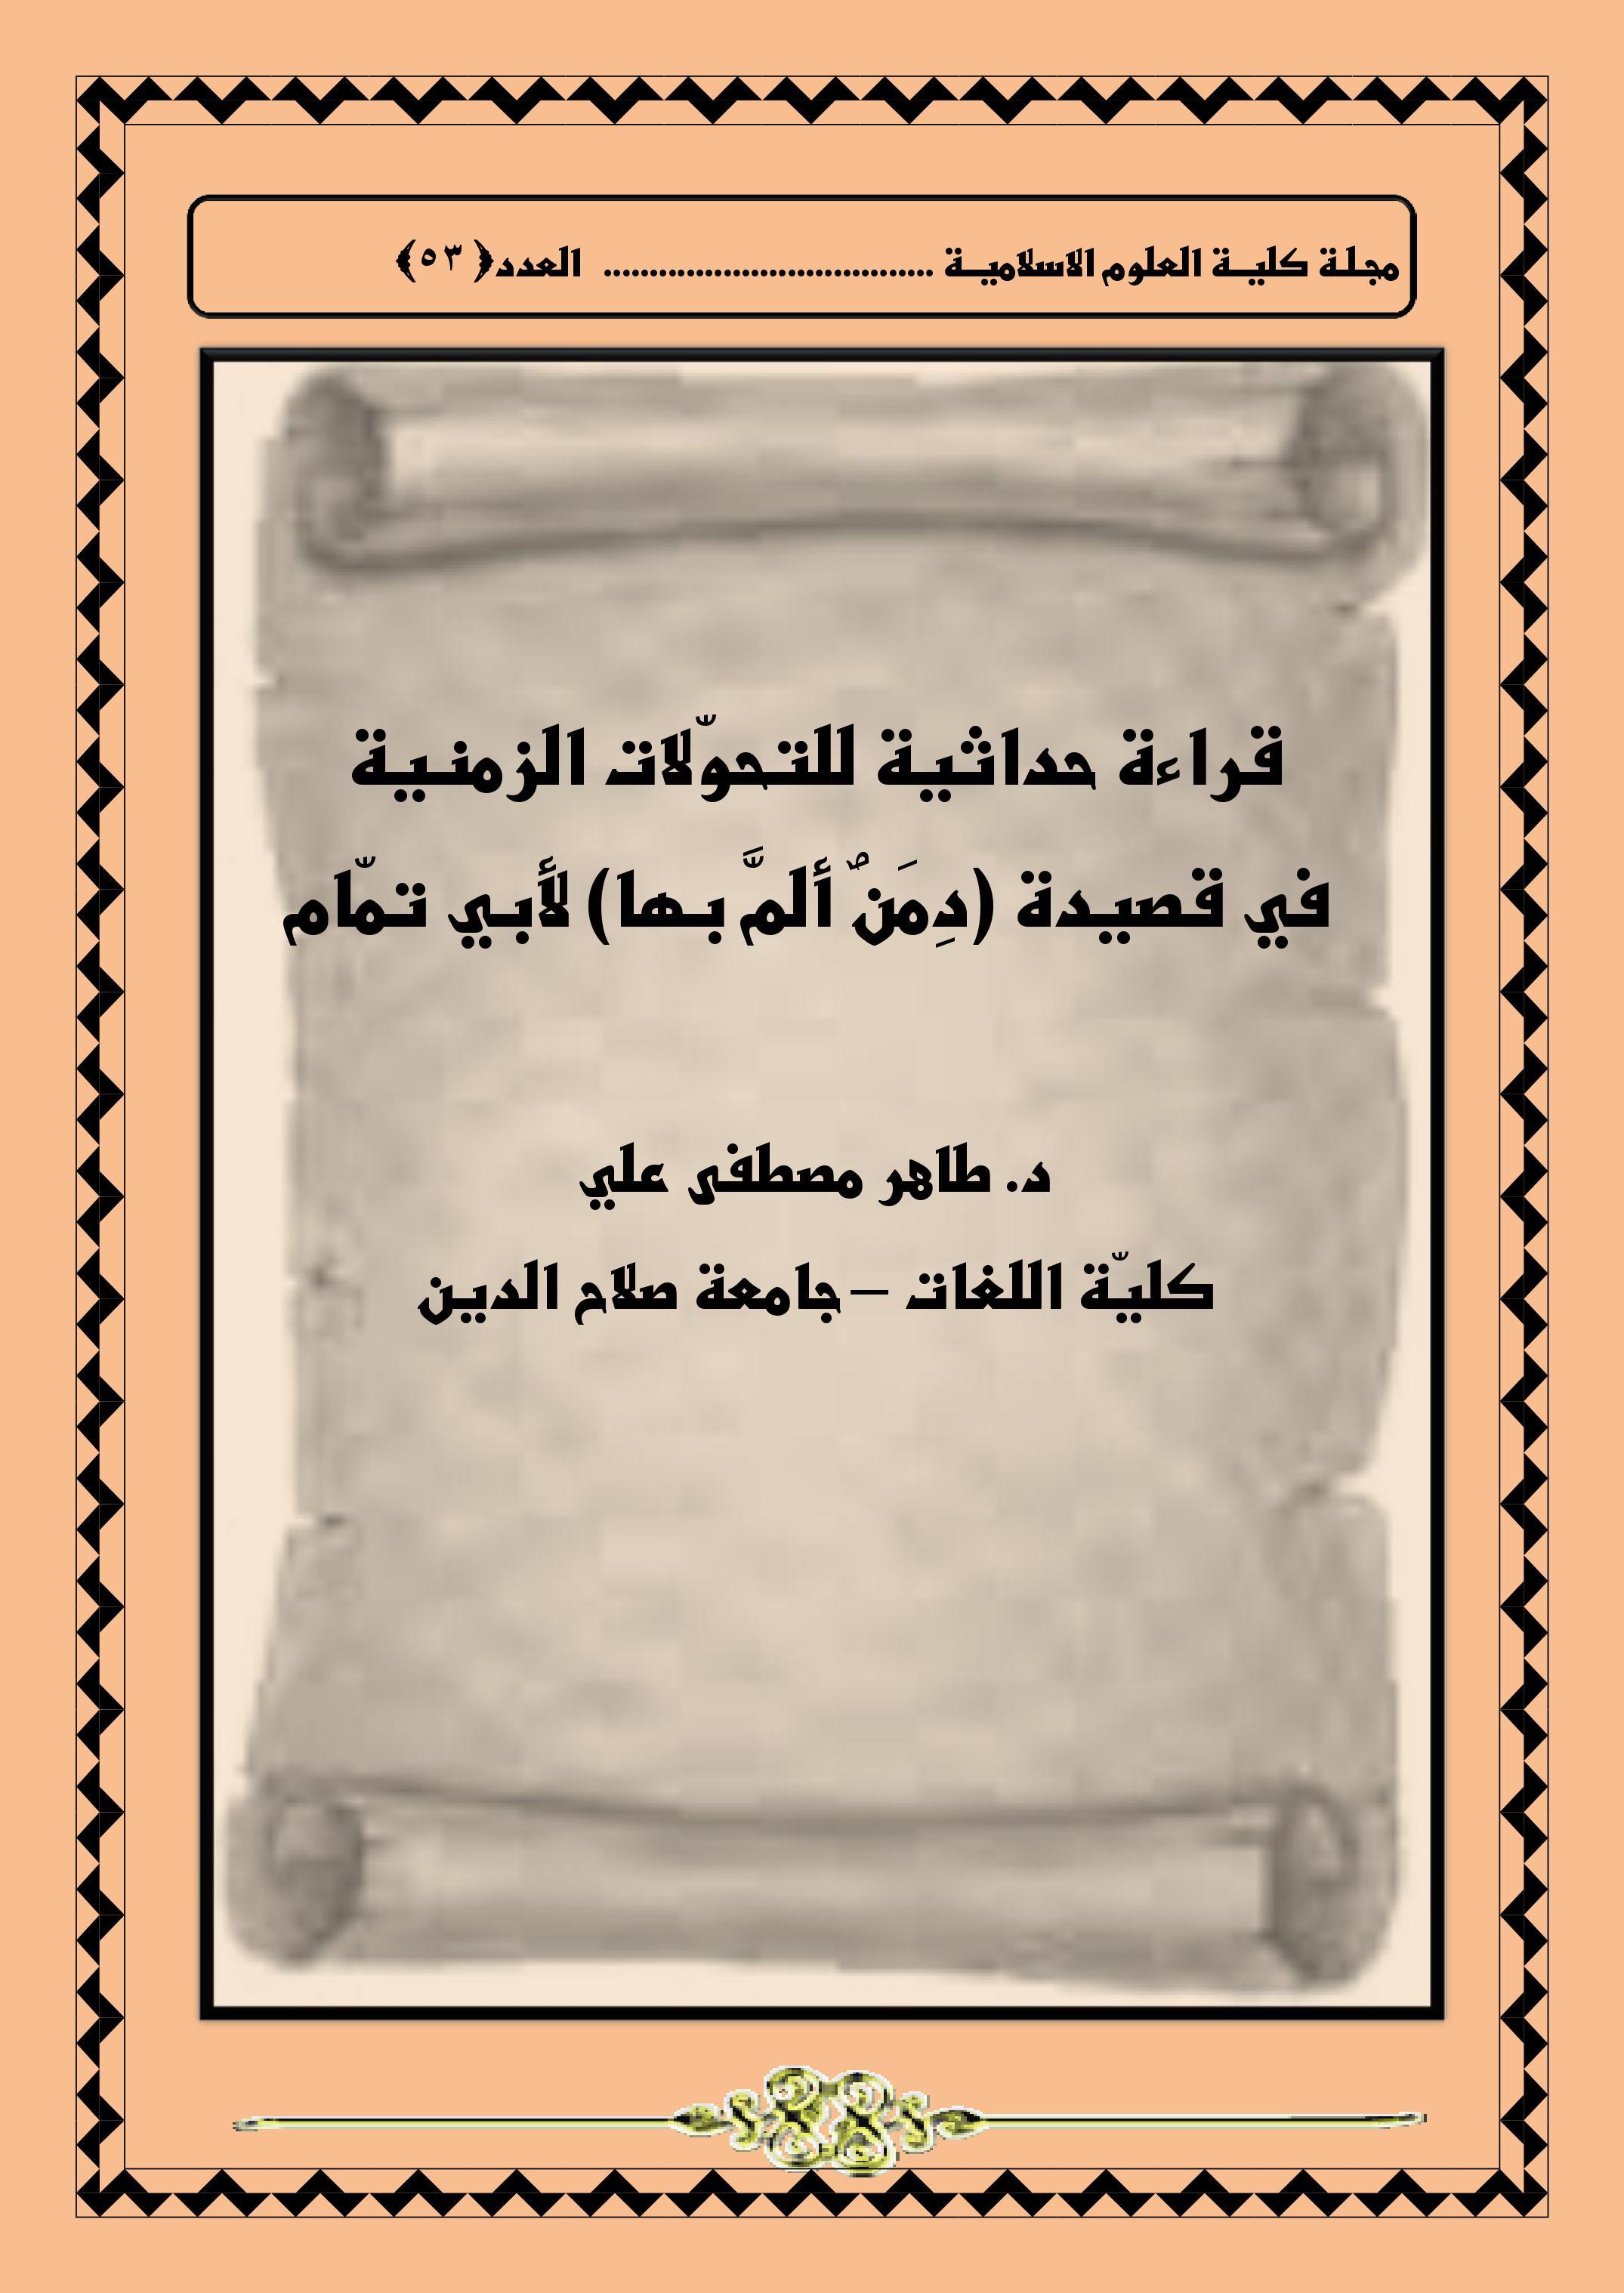 قراءة حداثية للتحوّلات الزمنية  في قصيدة (دِمَنٌ ألمَّ بها) لأبي تمّام